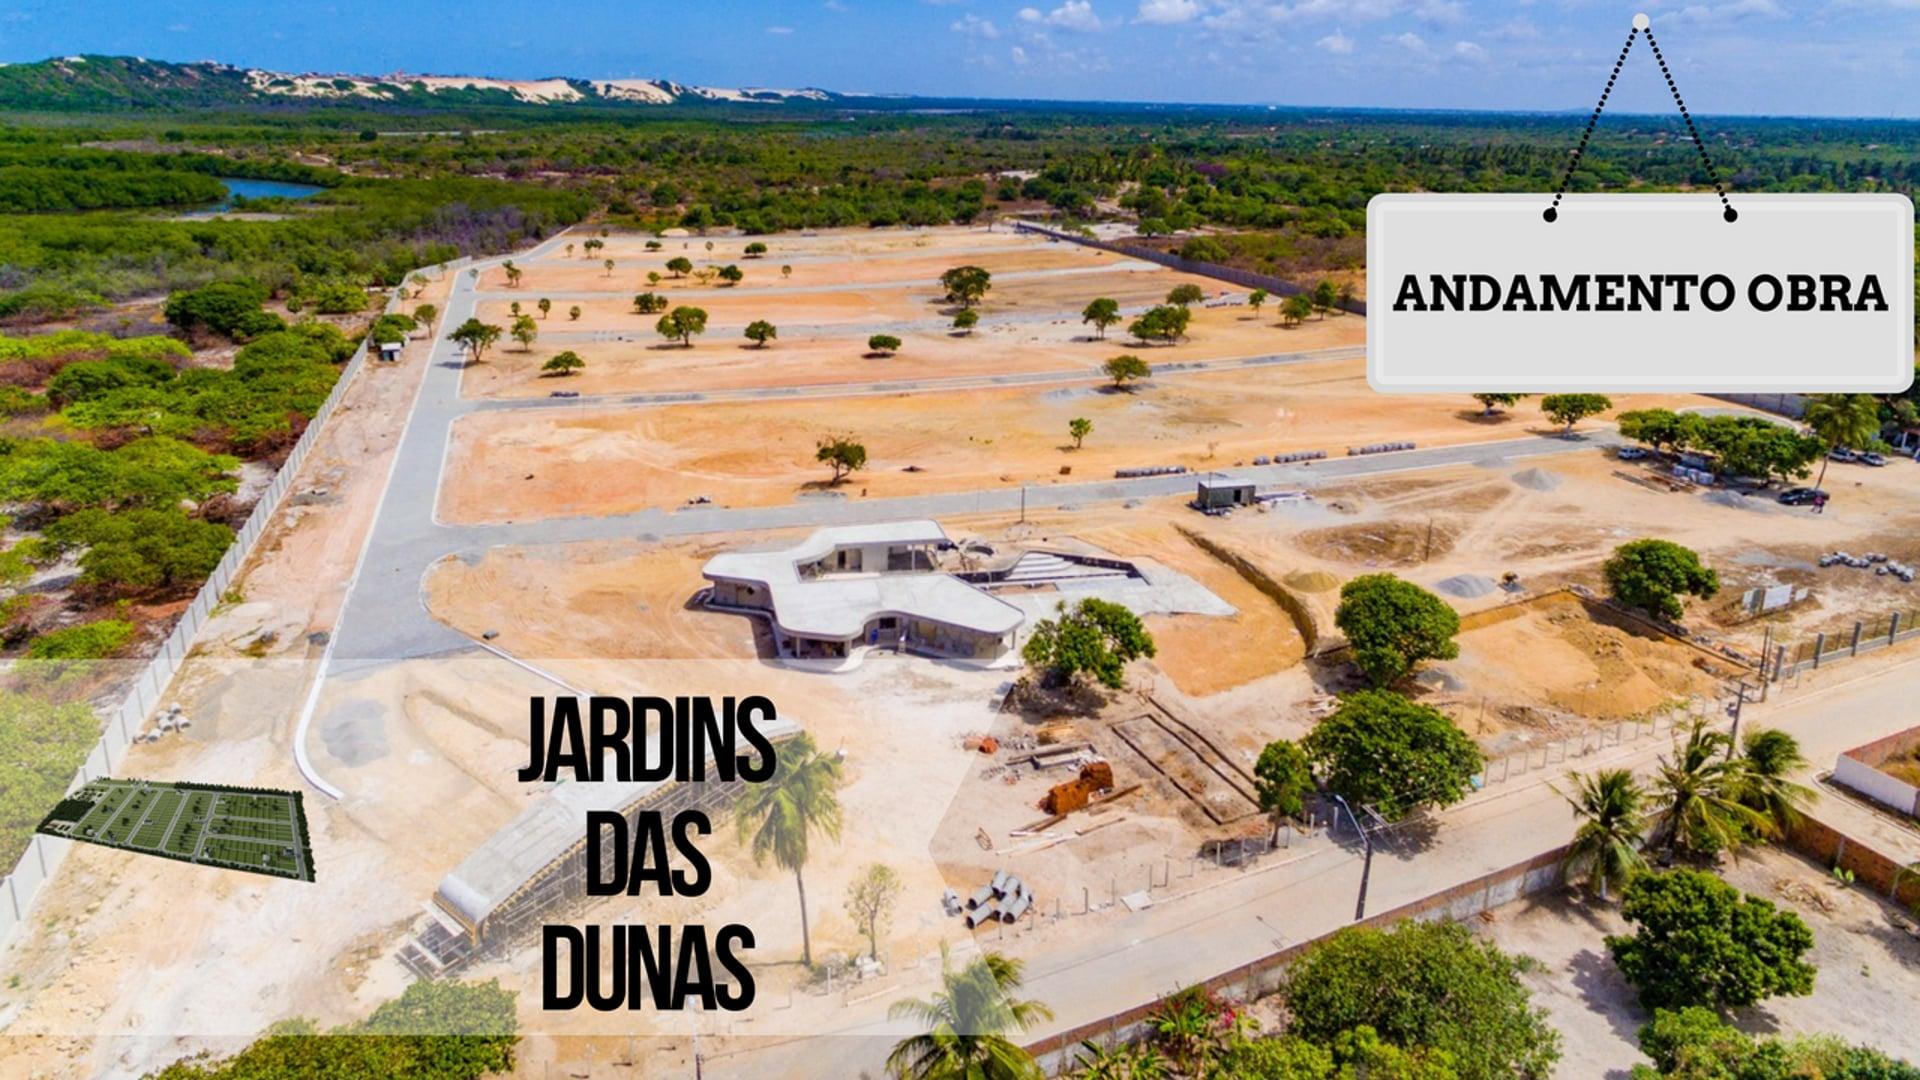 LOTEAMENTO JARDINS DAS DUNAS - ANDAMENTO OBRA - DEZ16